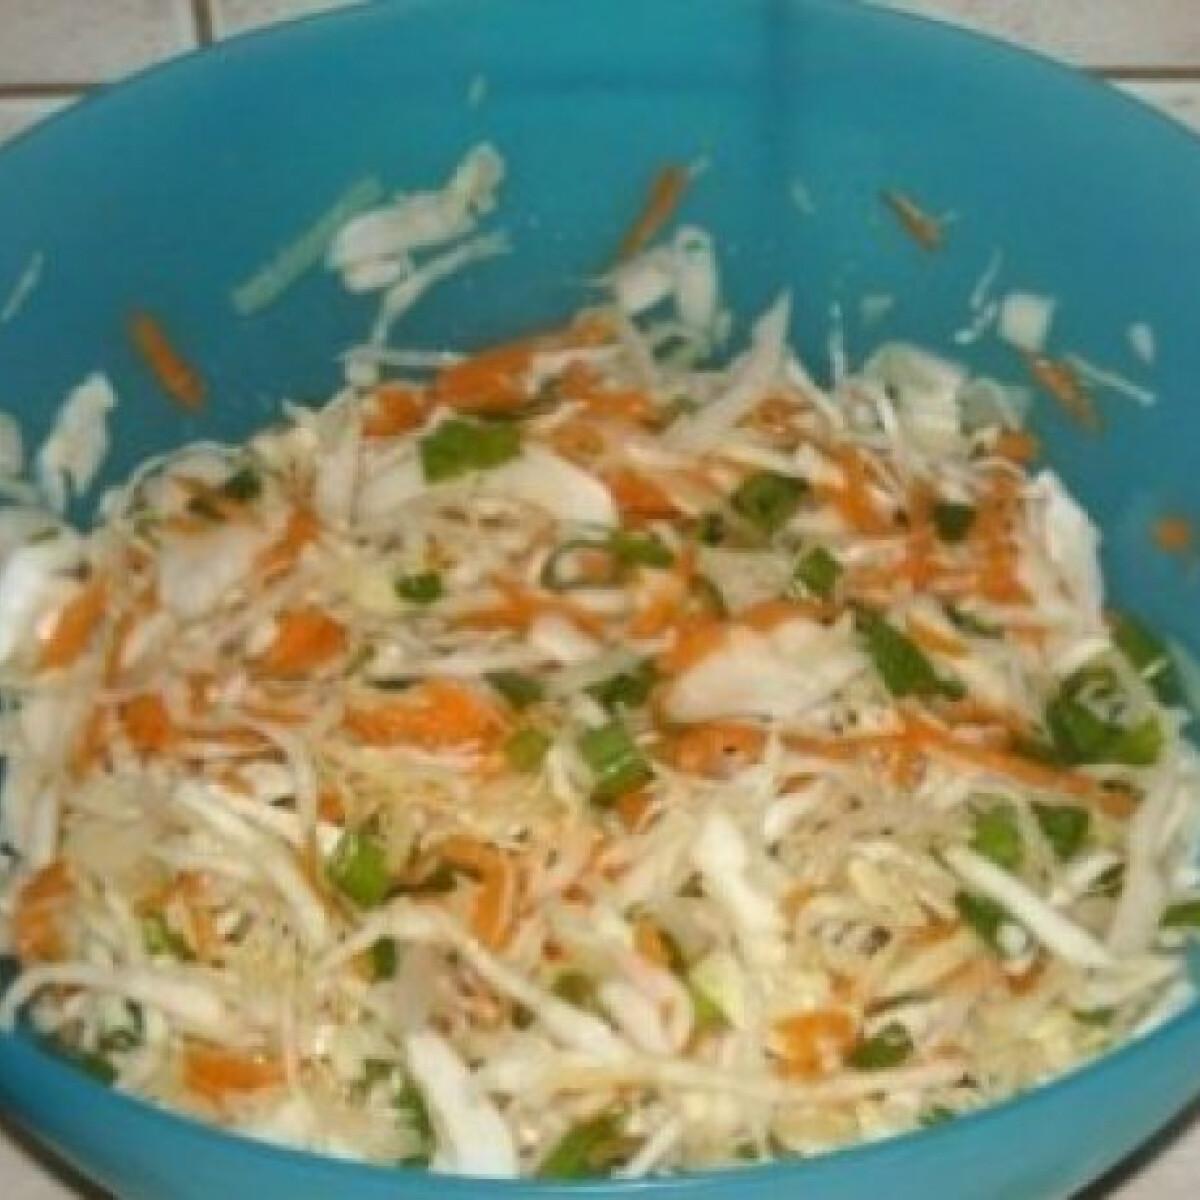 Háromszínű saláta fehér káposztából